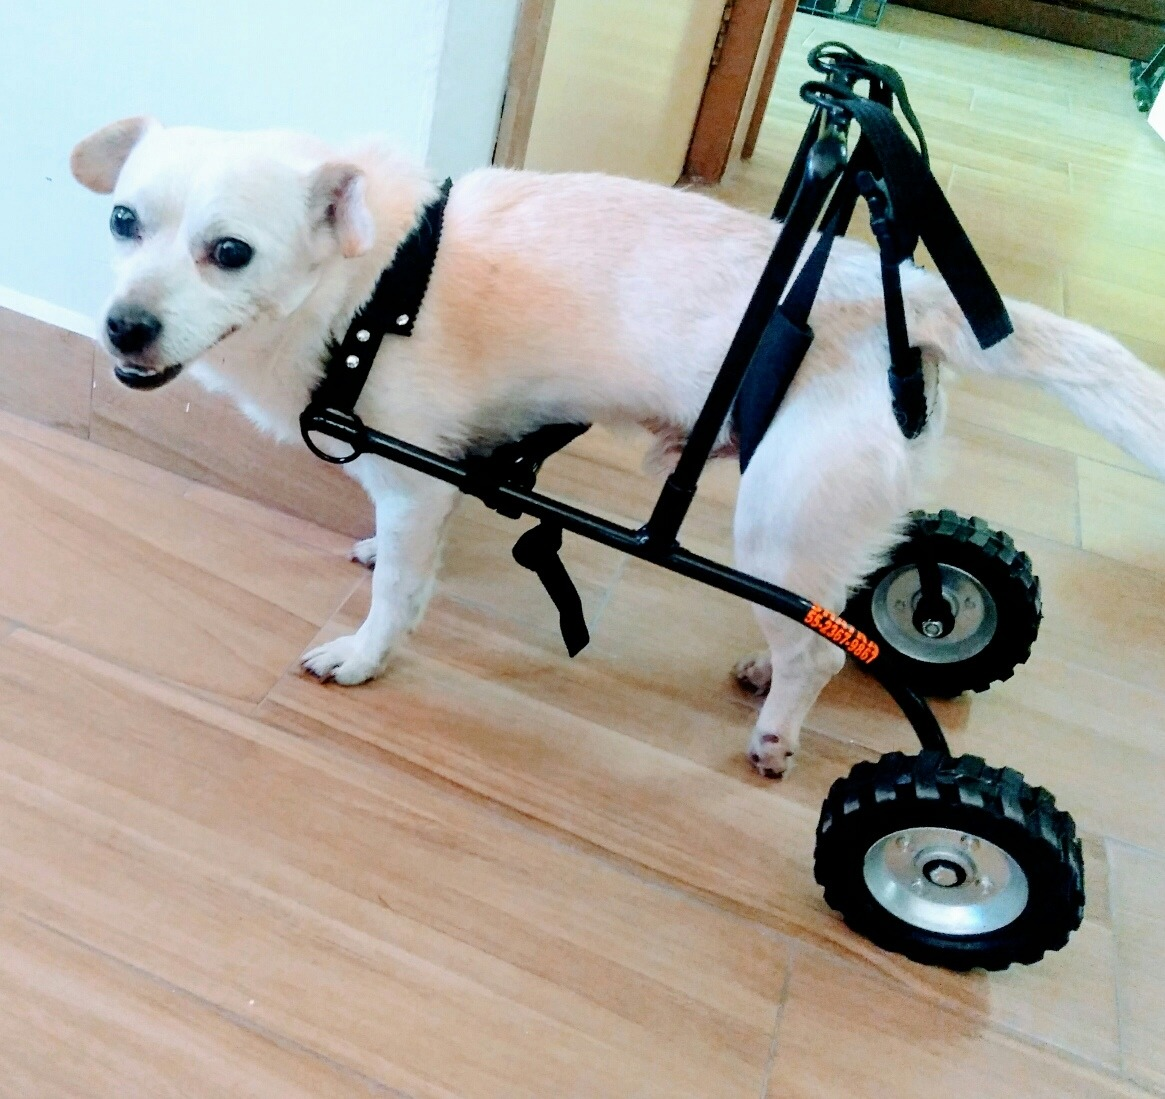 Silla de ruedas para perros gatos arnes 1 en mercado libre - Ruedas para sillas de ruedas ...